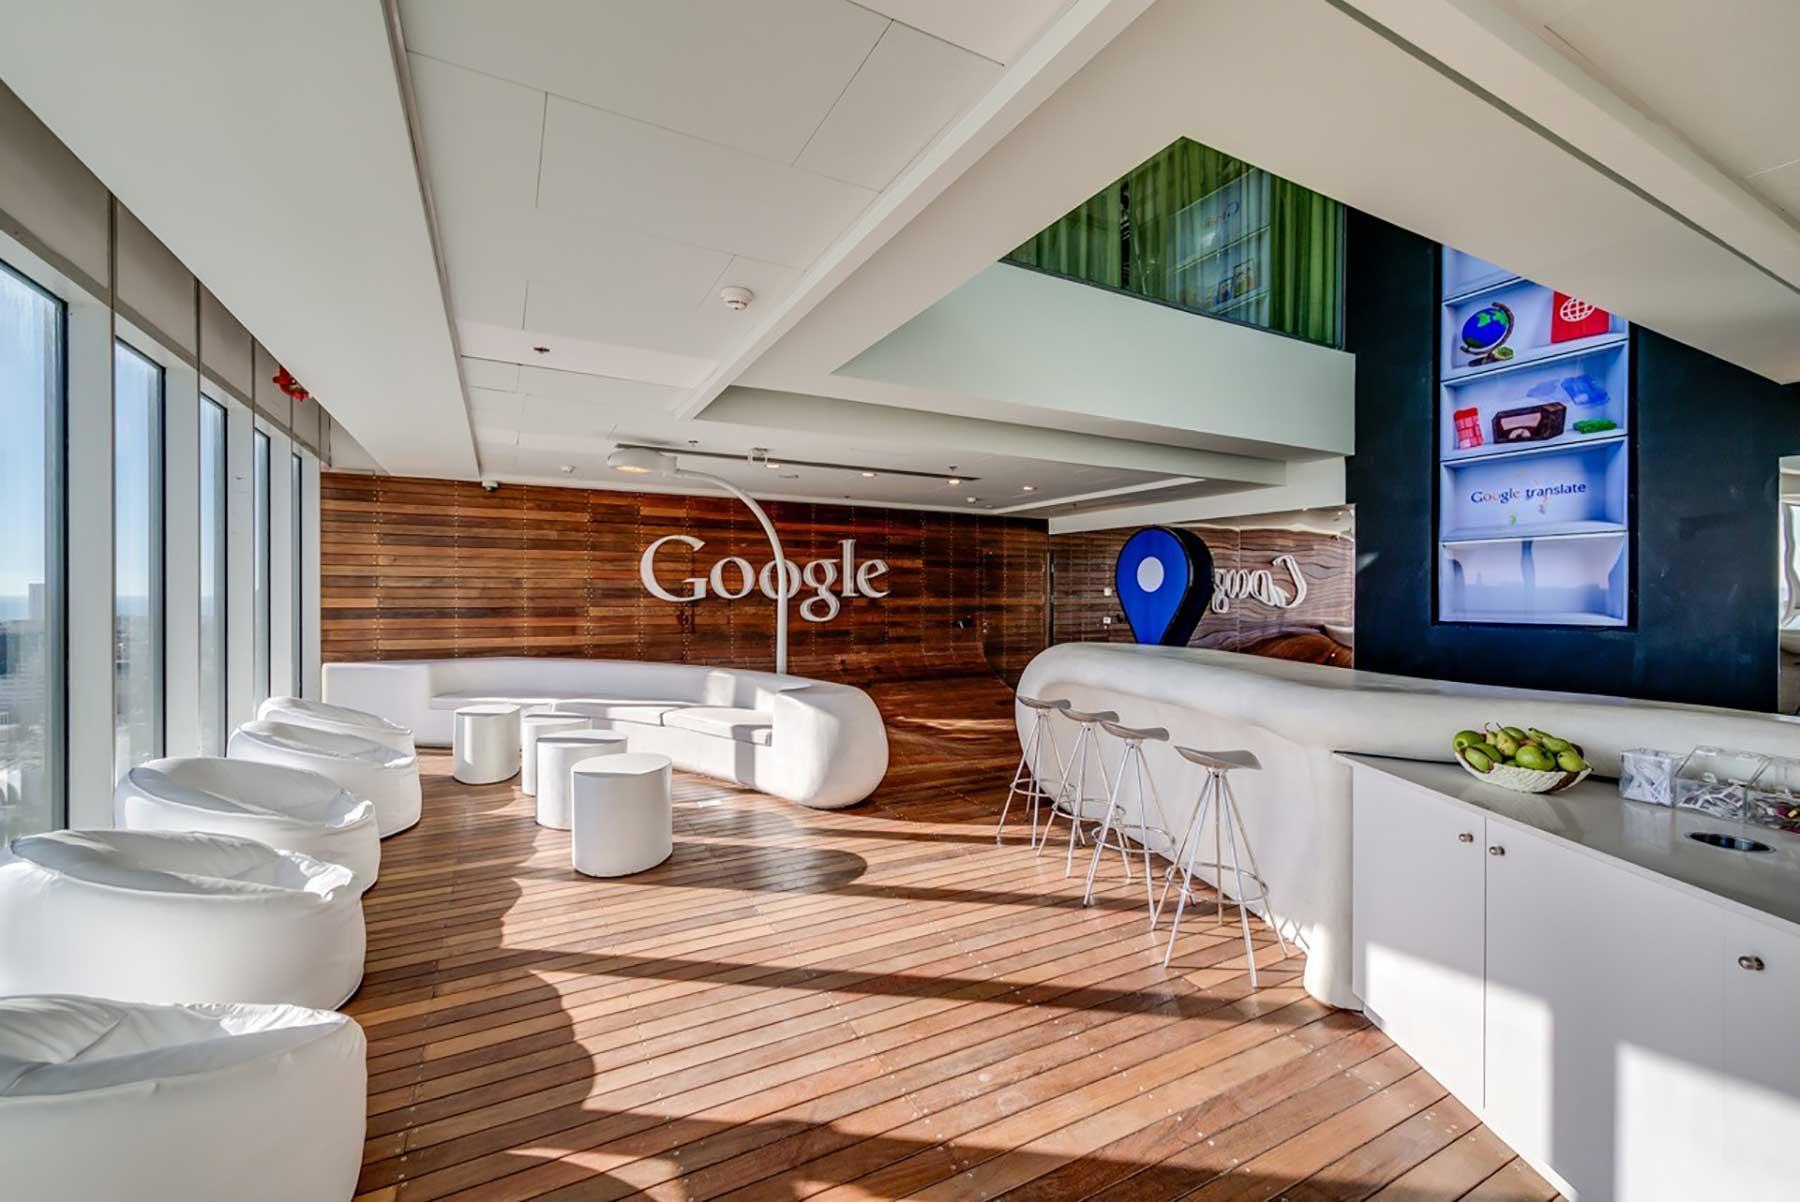 La oficina como imagen de marca: sede de Google en Tel Aviv